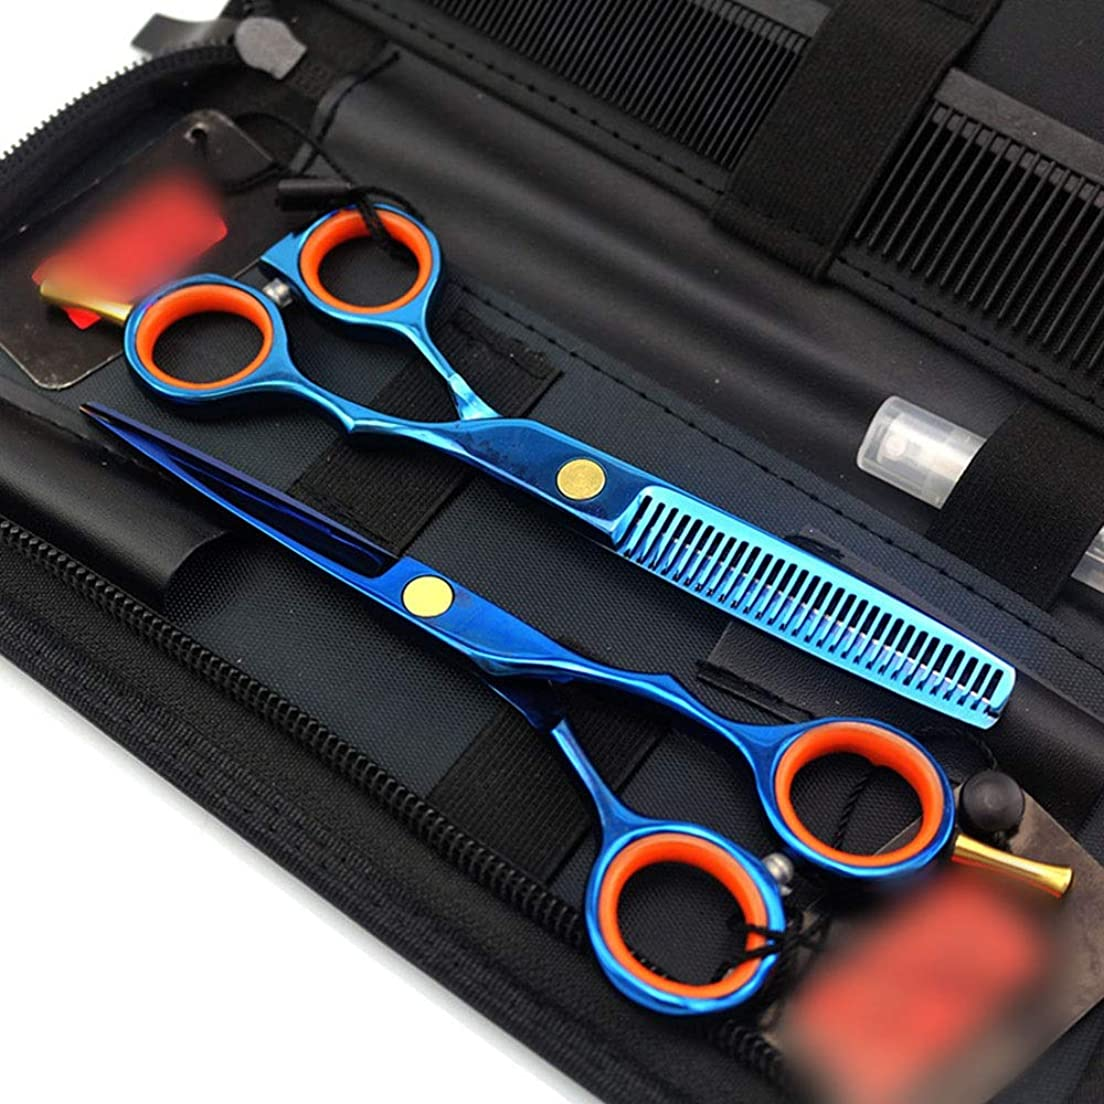 ただ大惨事メンタリティ理髪用はさみ 5.5インチプロフェッショナル両面ヘアカットセット、ブルー理髪はさみセットフラットはさみ+歯はさみヘアカットはさみステンレス理髪はさみ (色 : 青)